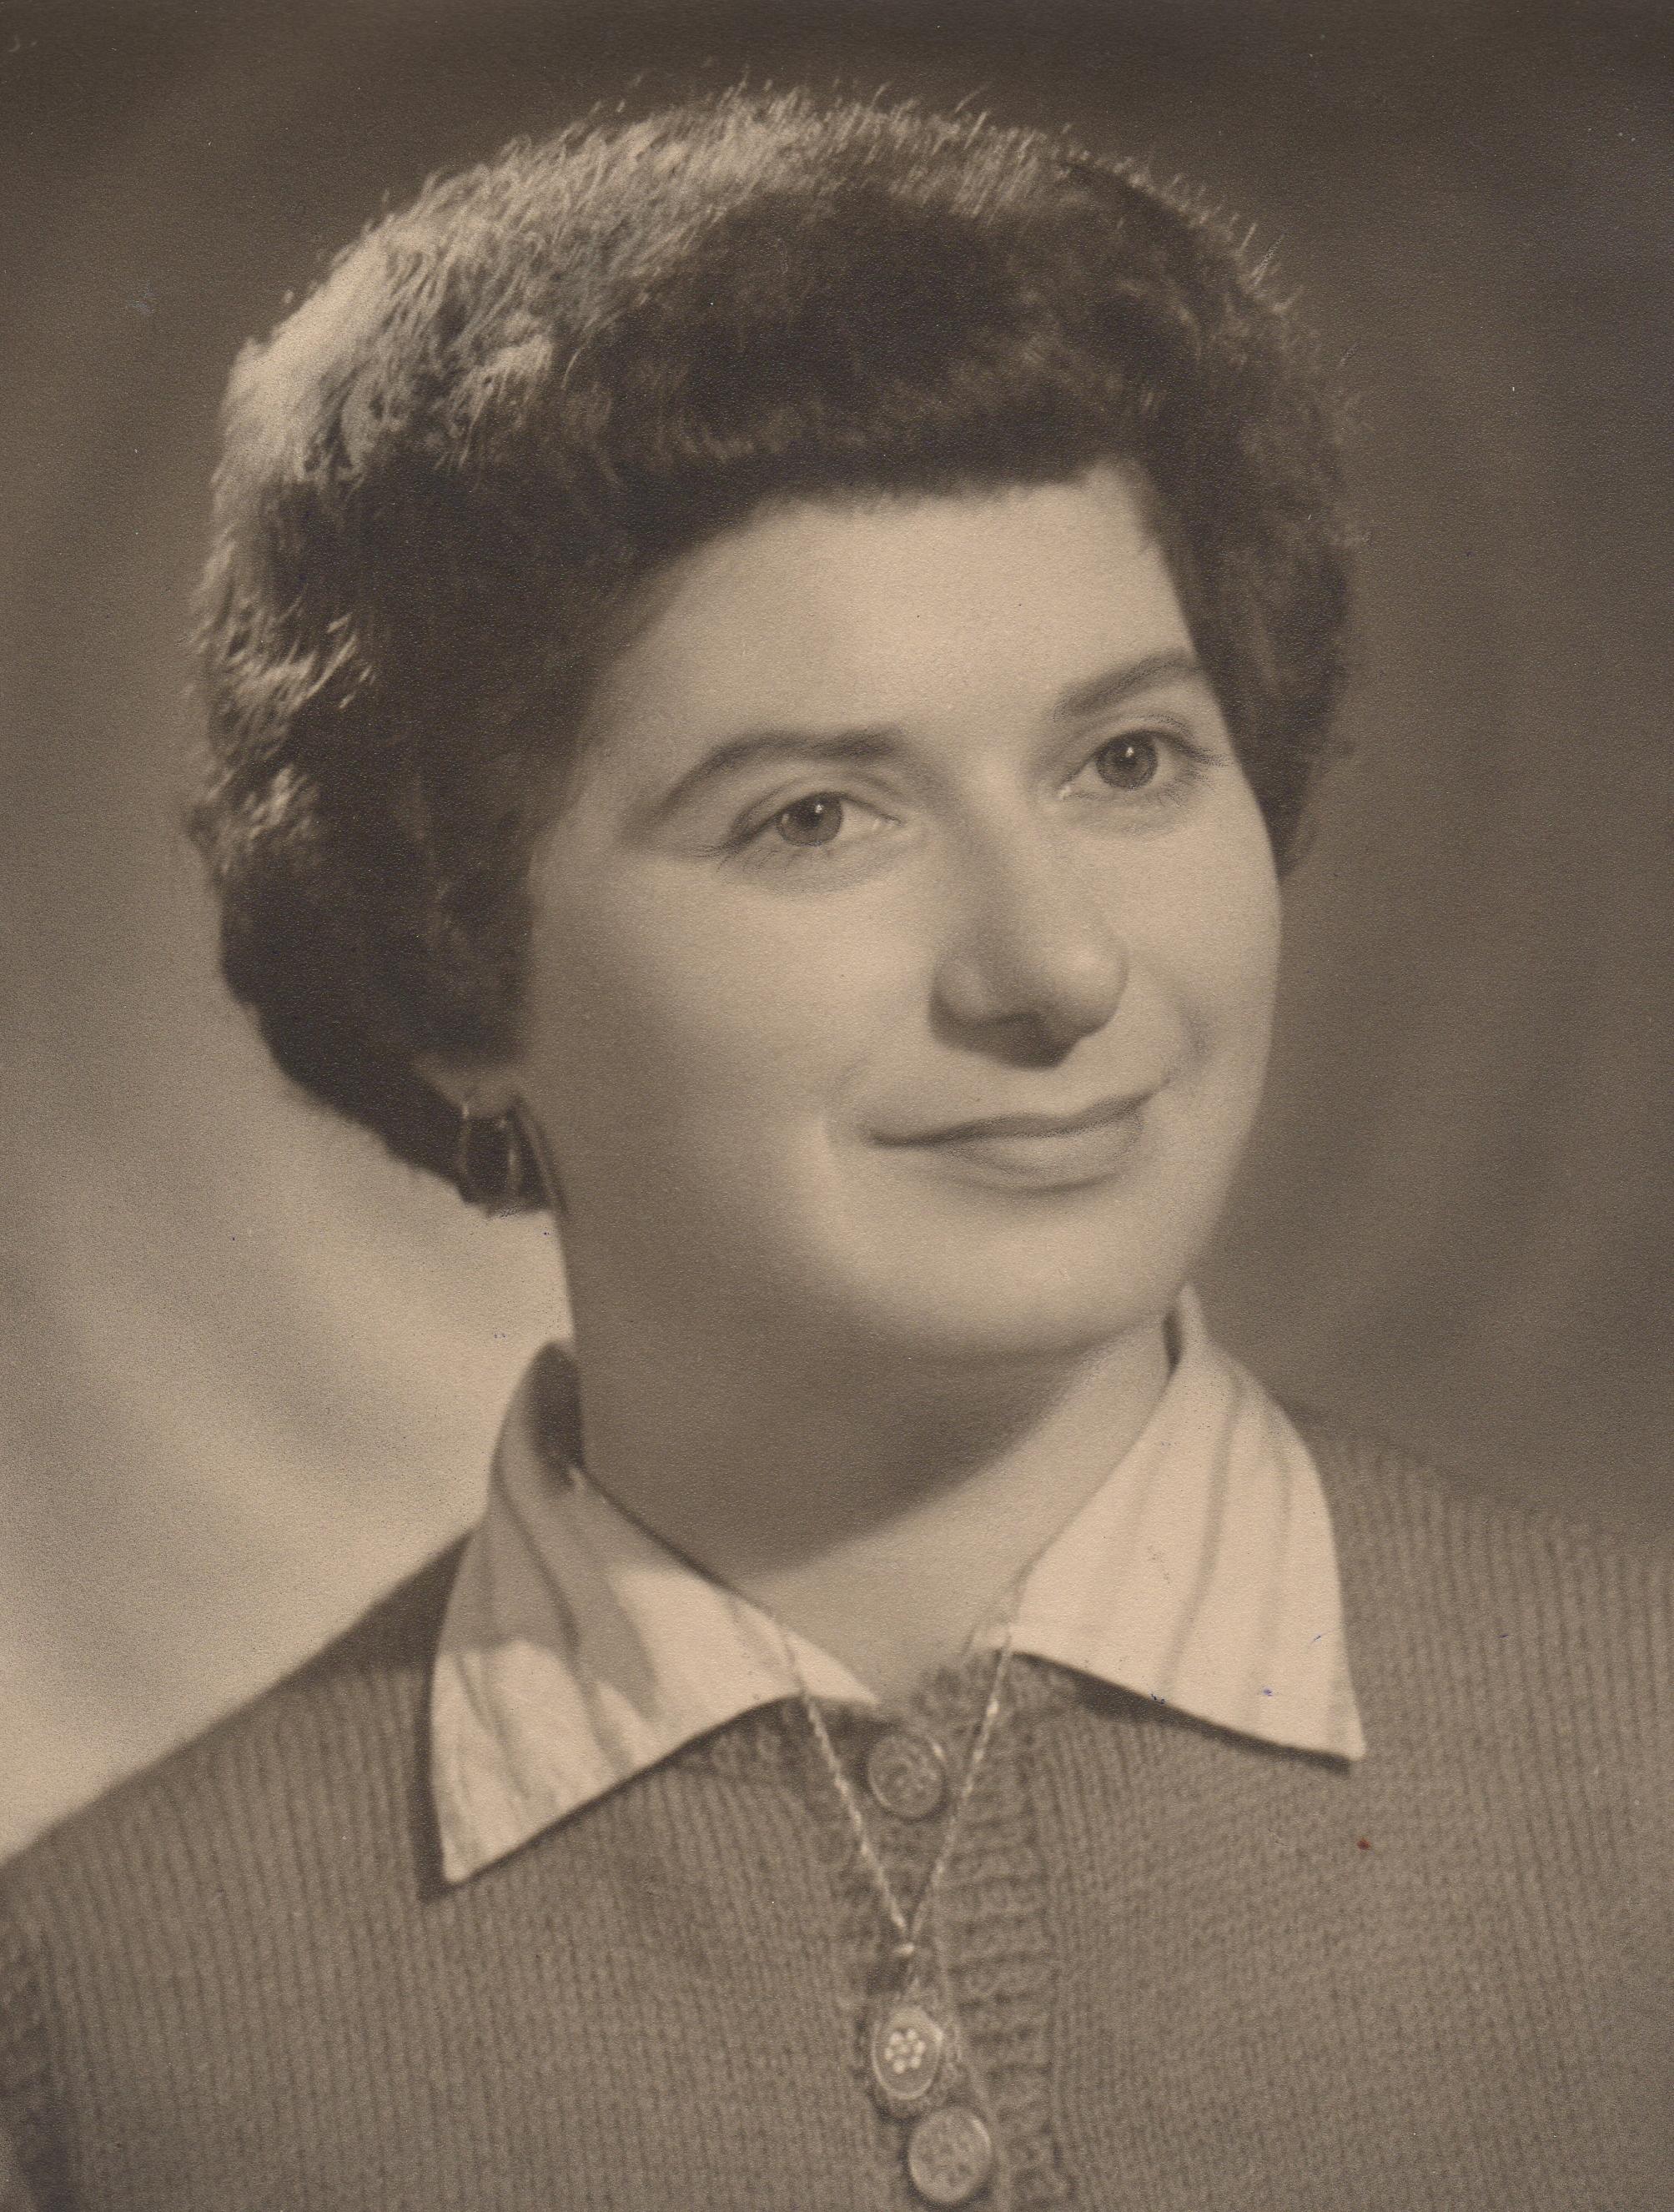 Marguerite Élias Quddus larger image and caption